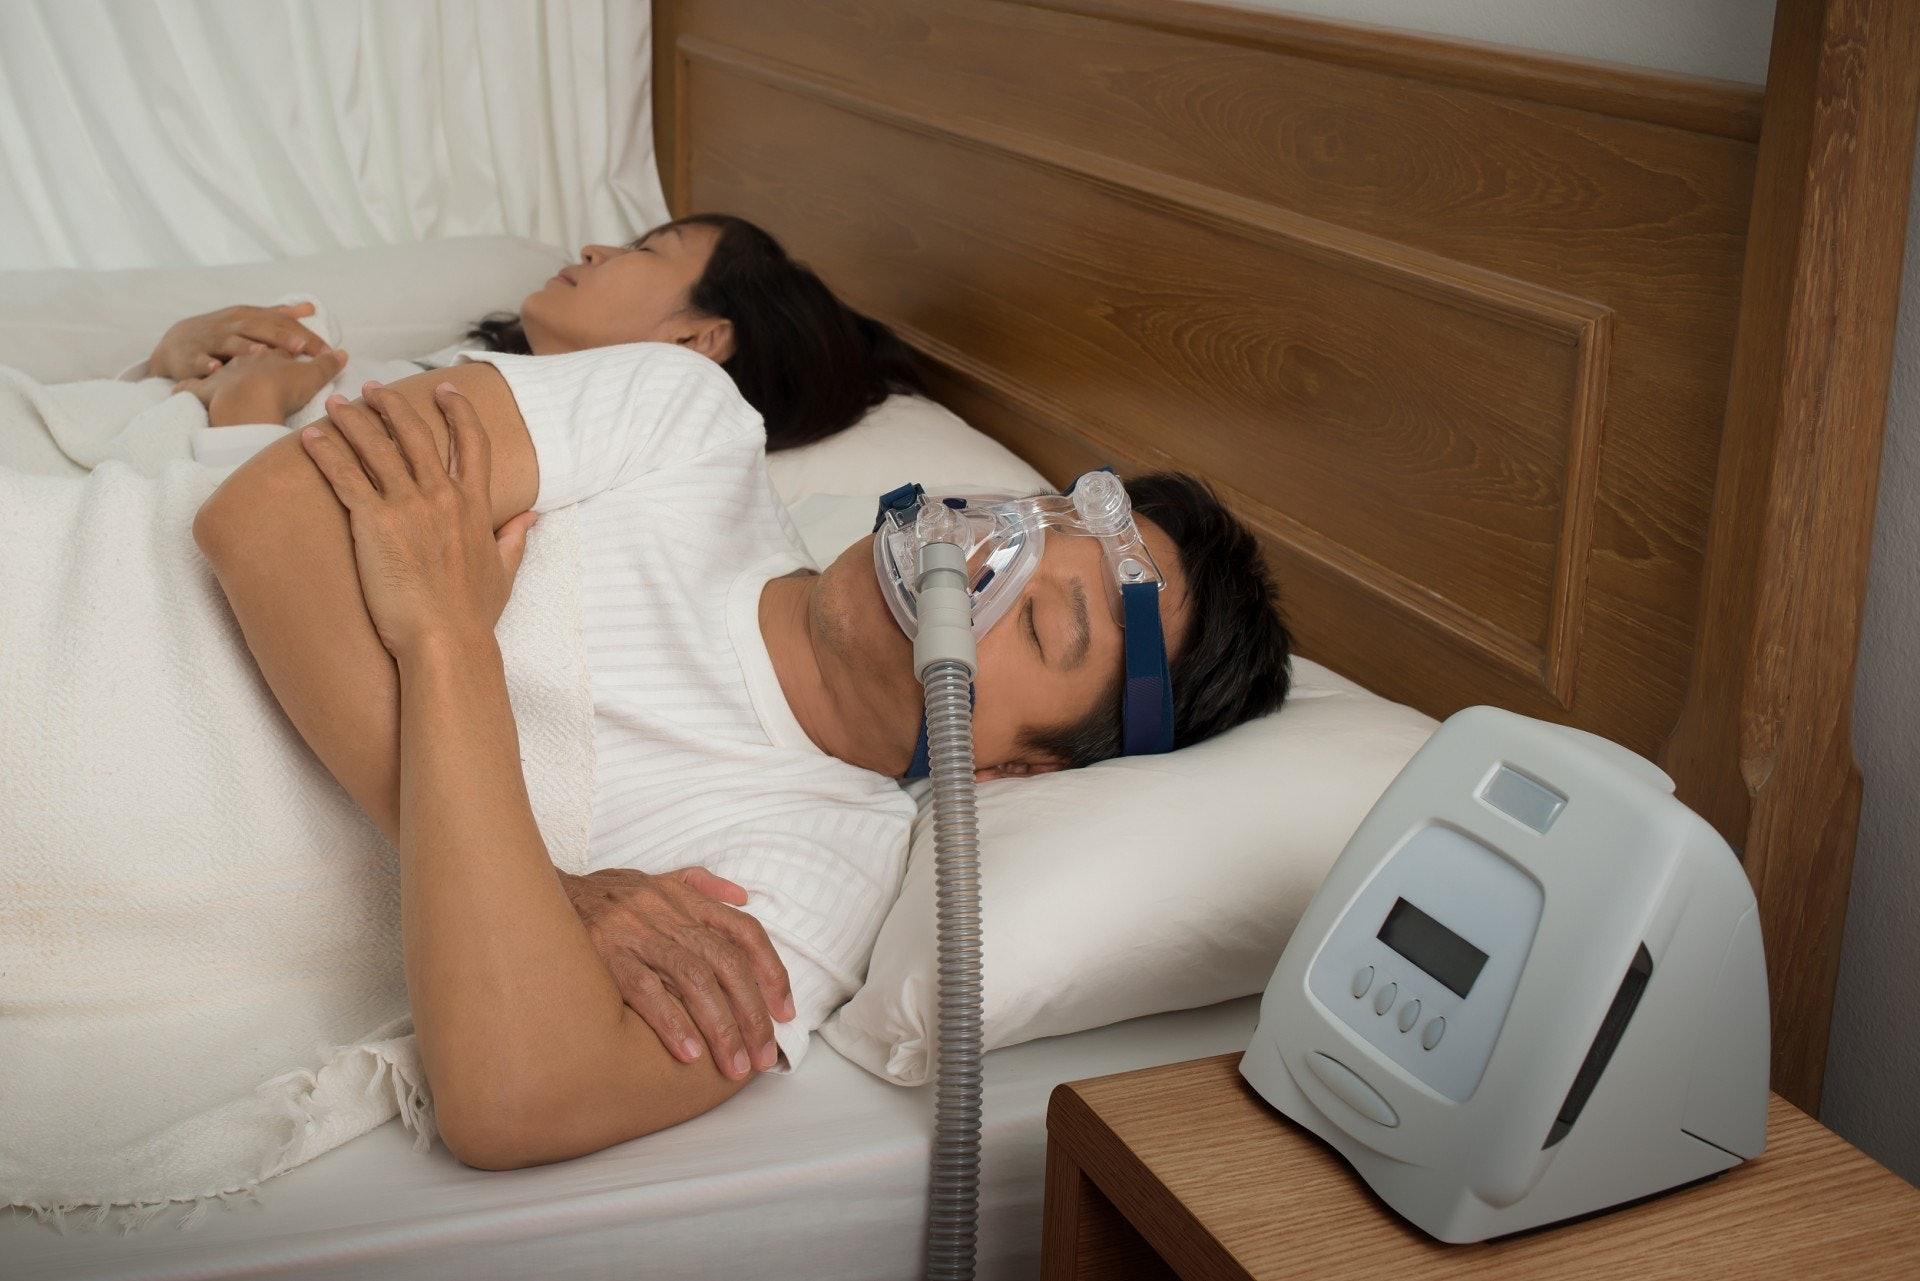 正壓呼吸機將加壓的空氣注入以擴張上呼吸道,避免阻塞,但使用前應要諮詢醫生,因應用者的需要作調整,如鼻腔乾燥者可使用加濕器。(VGC)